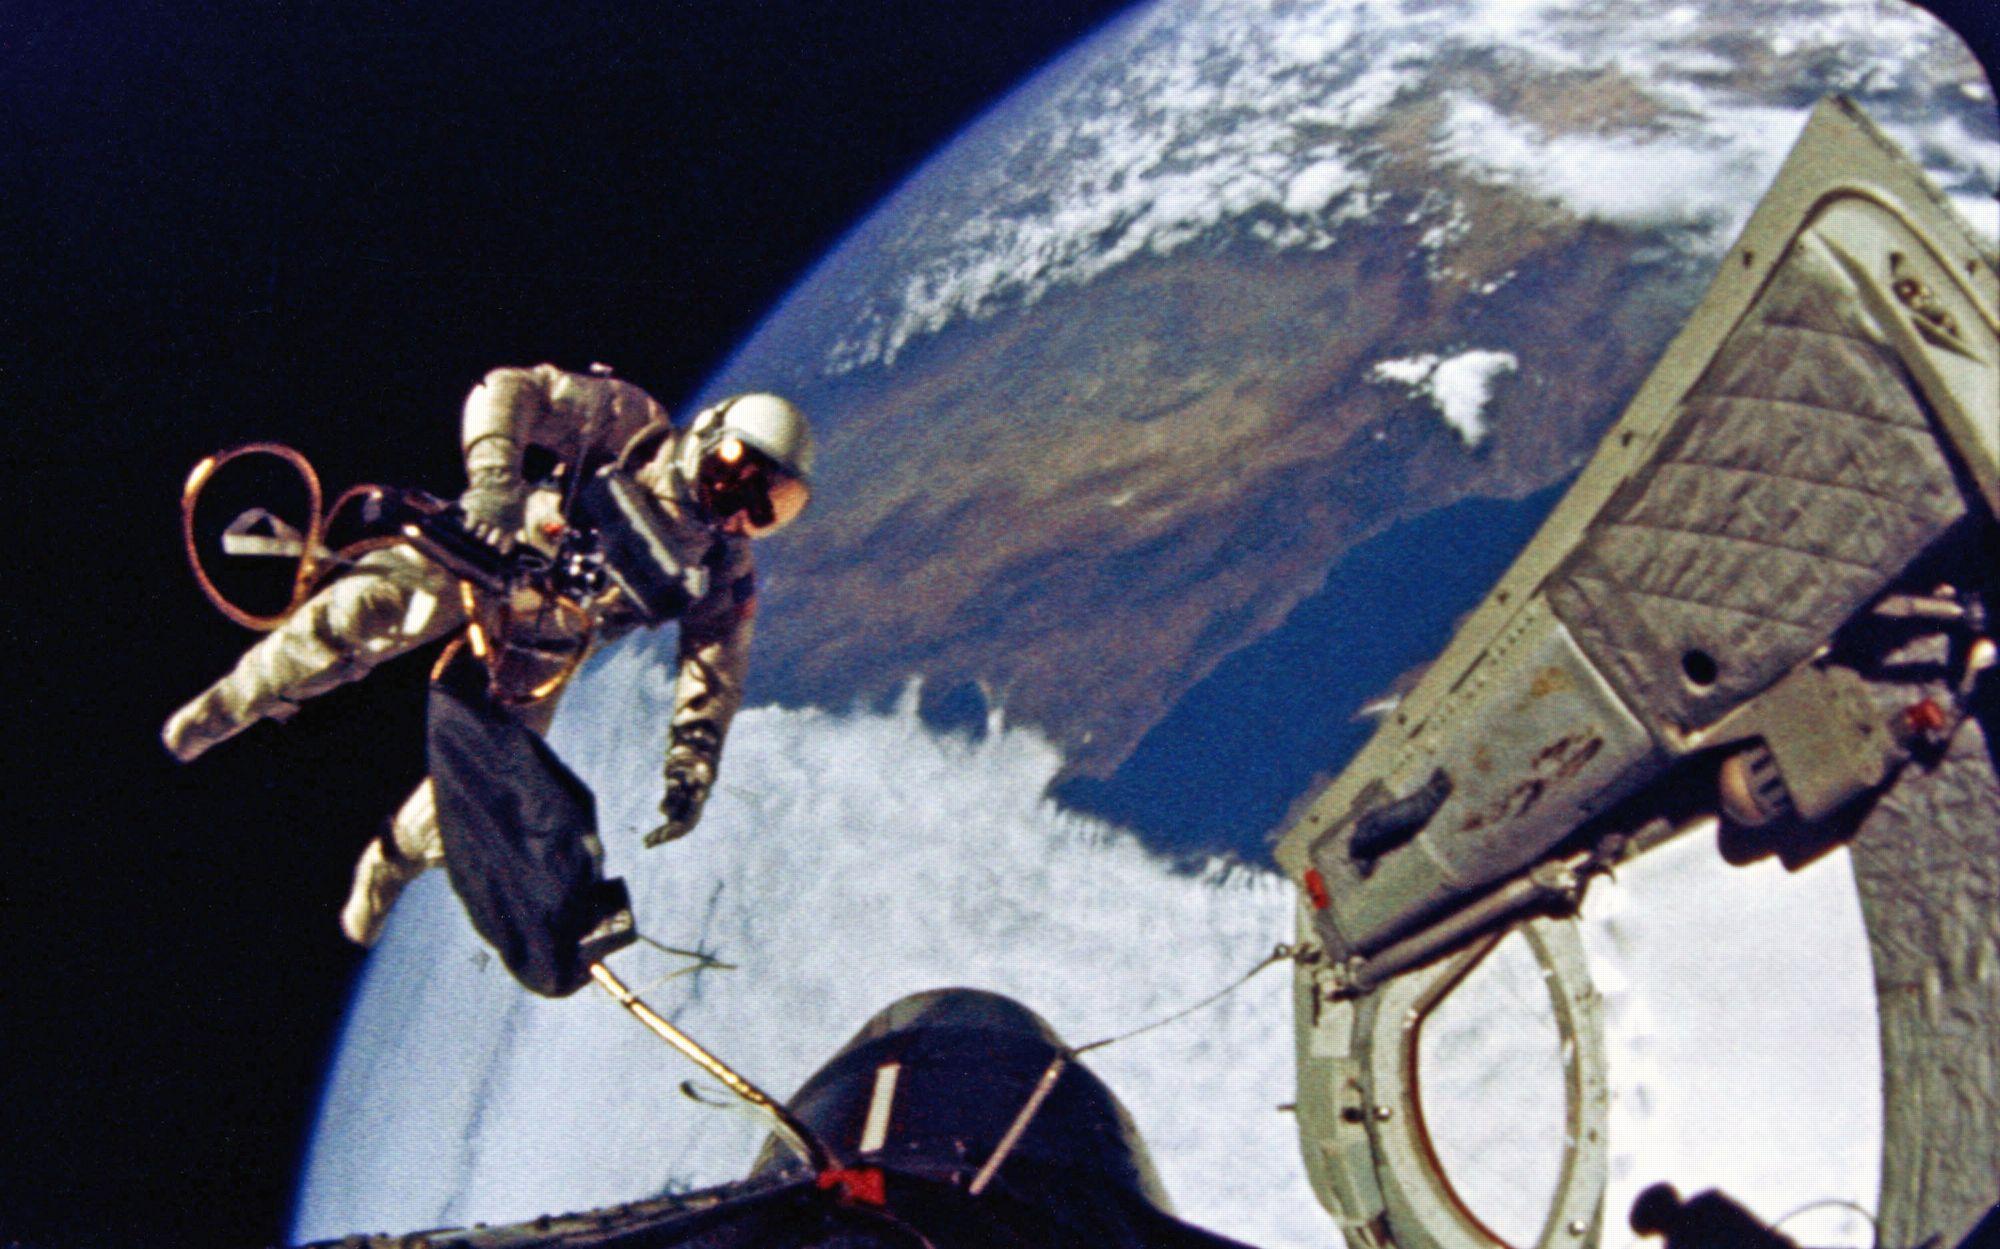 gemini 4 spacecraft documents - photo #2